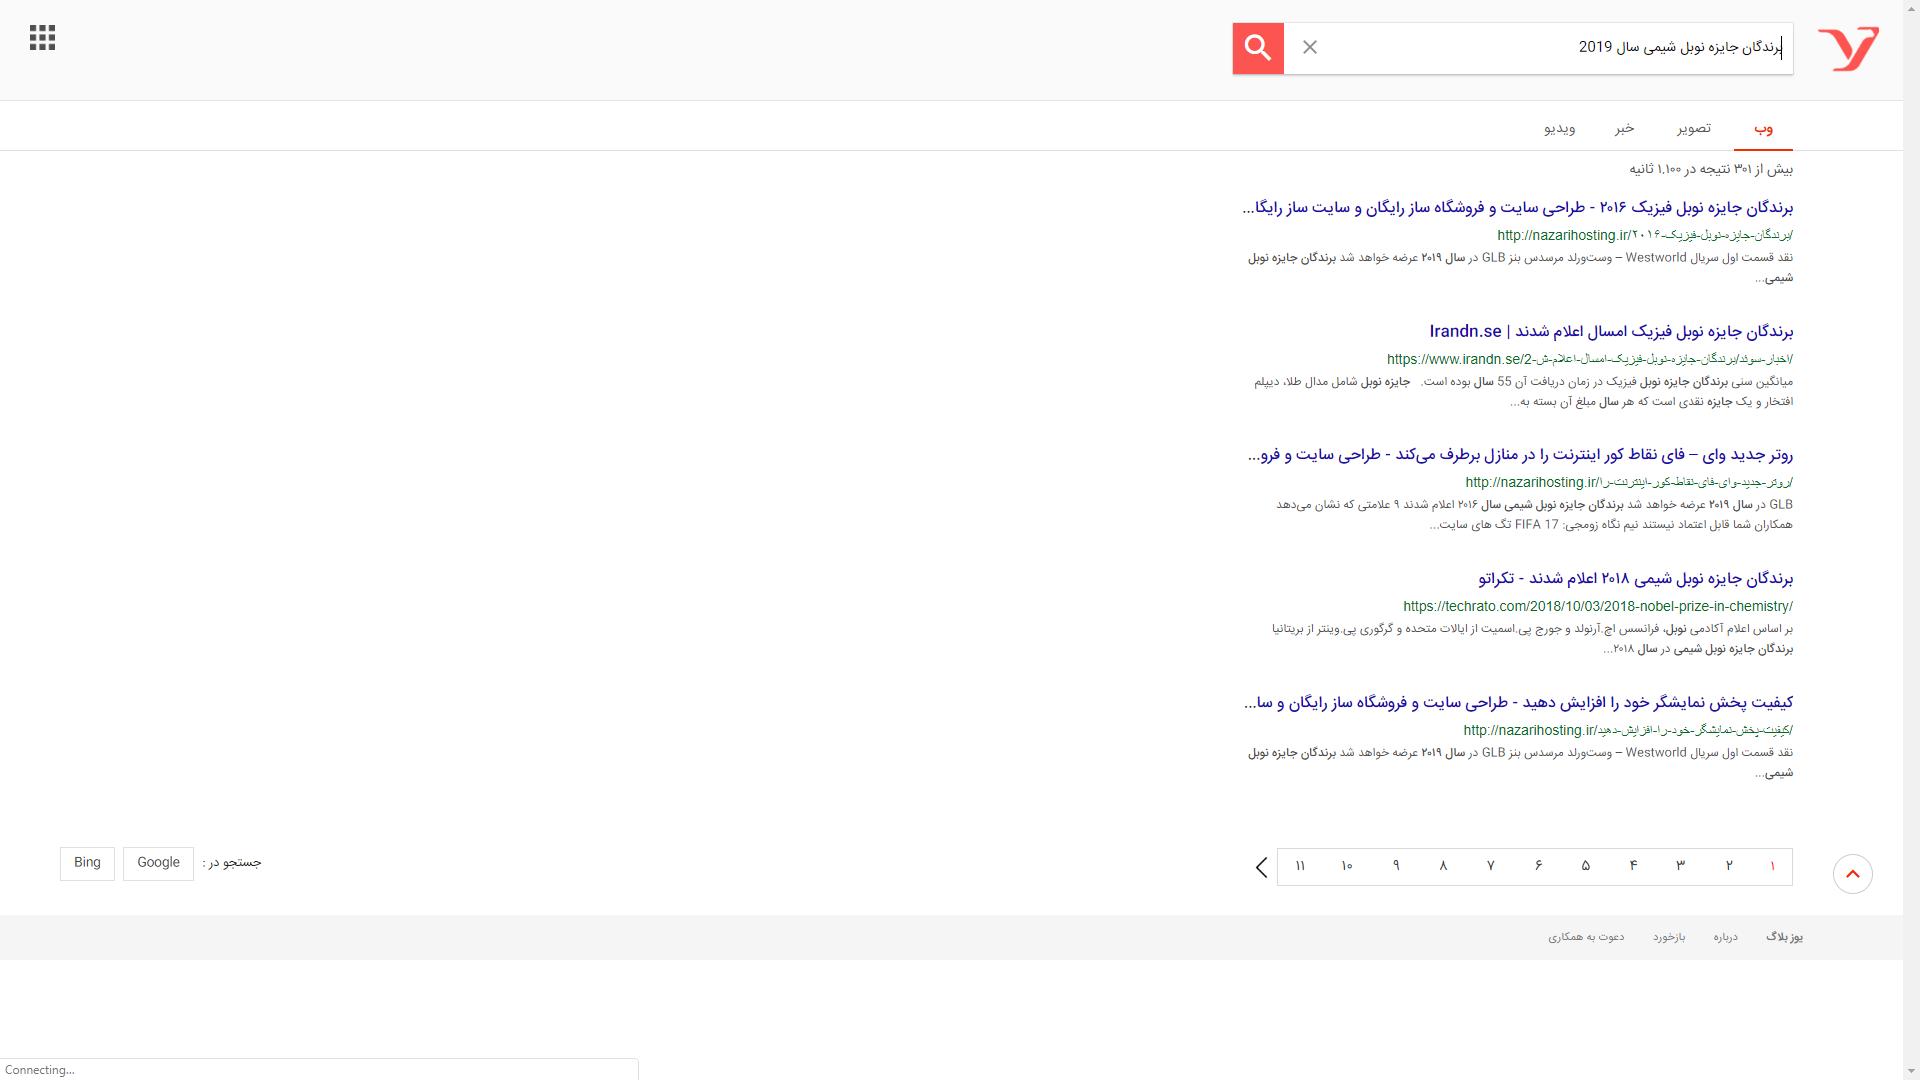 معرفی و مقایسه و بررسی موتورهای جستجوی ایرانی در دوران قطع اینترنت